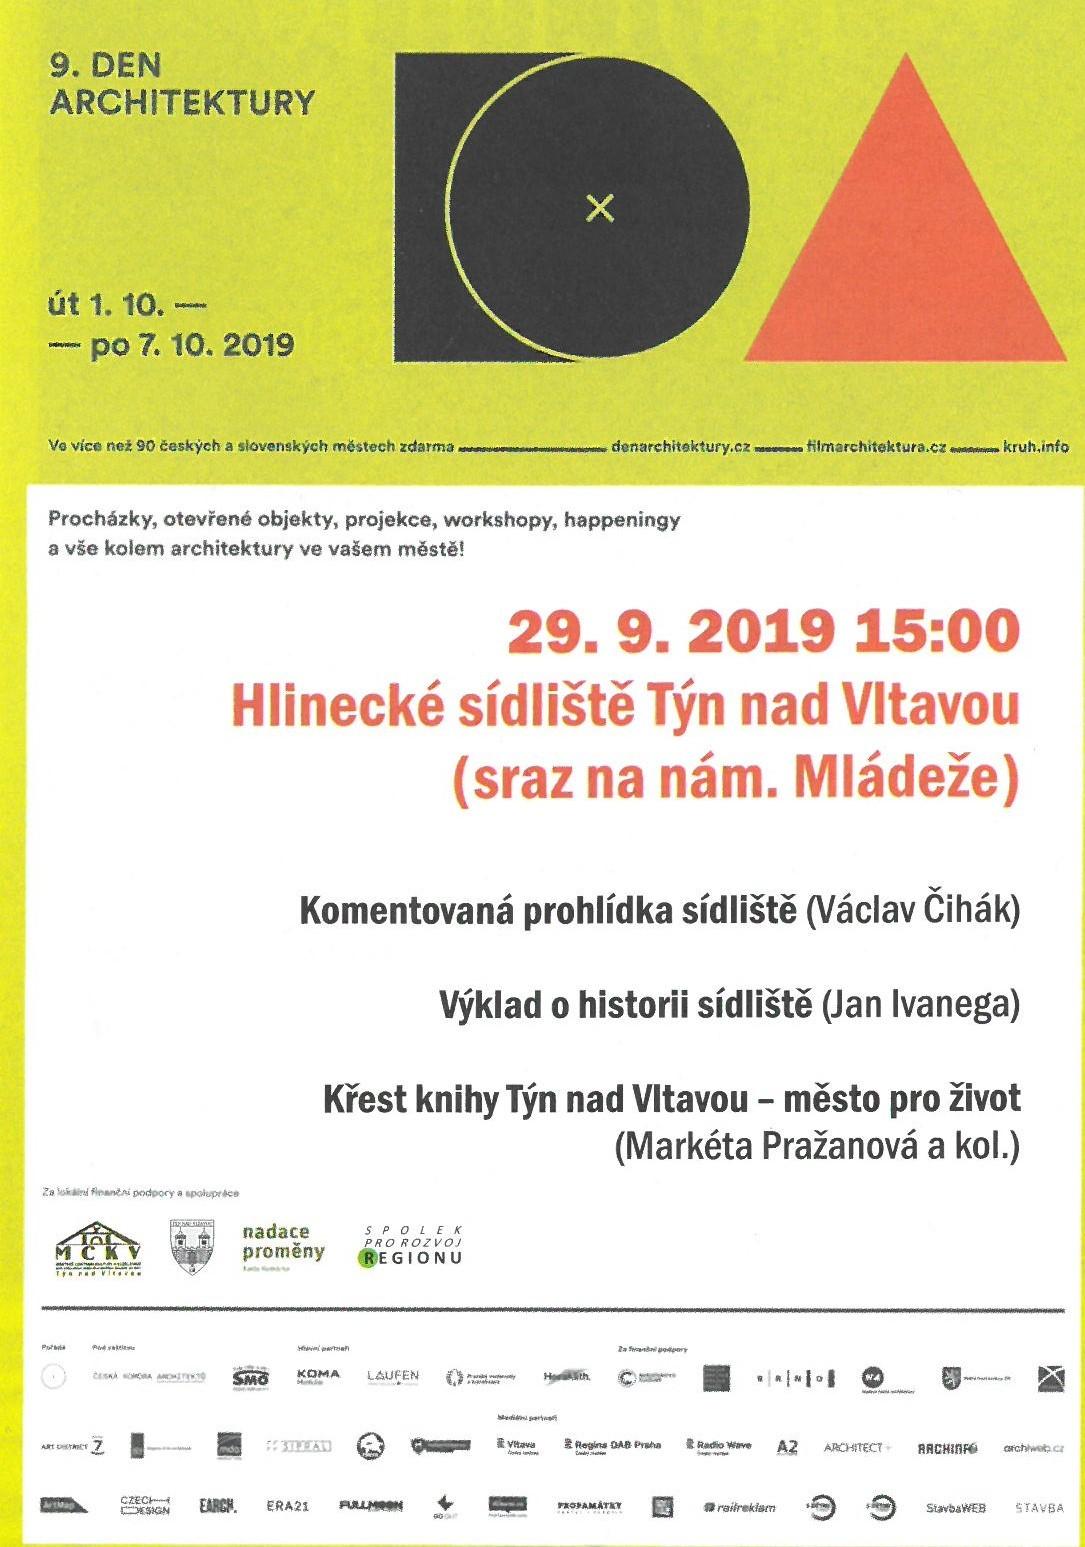 Křest knihy Týn nad Vltavou - město pro život